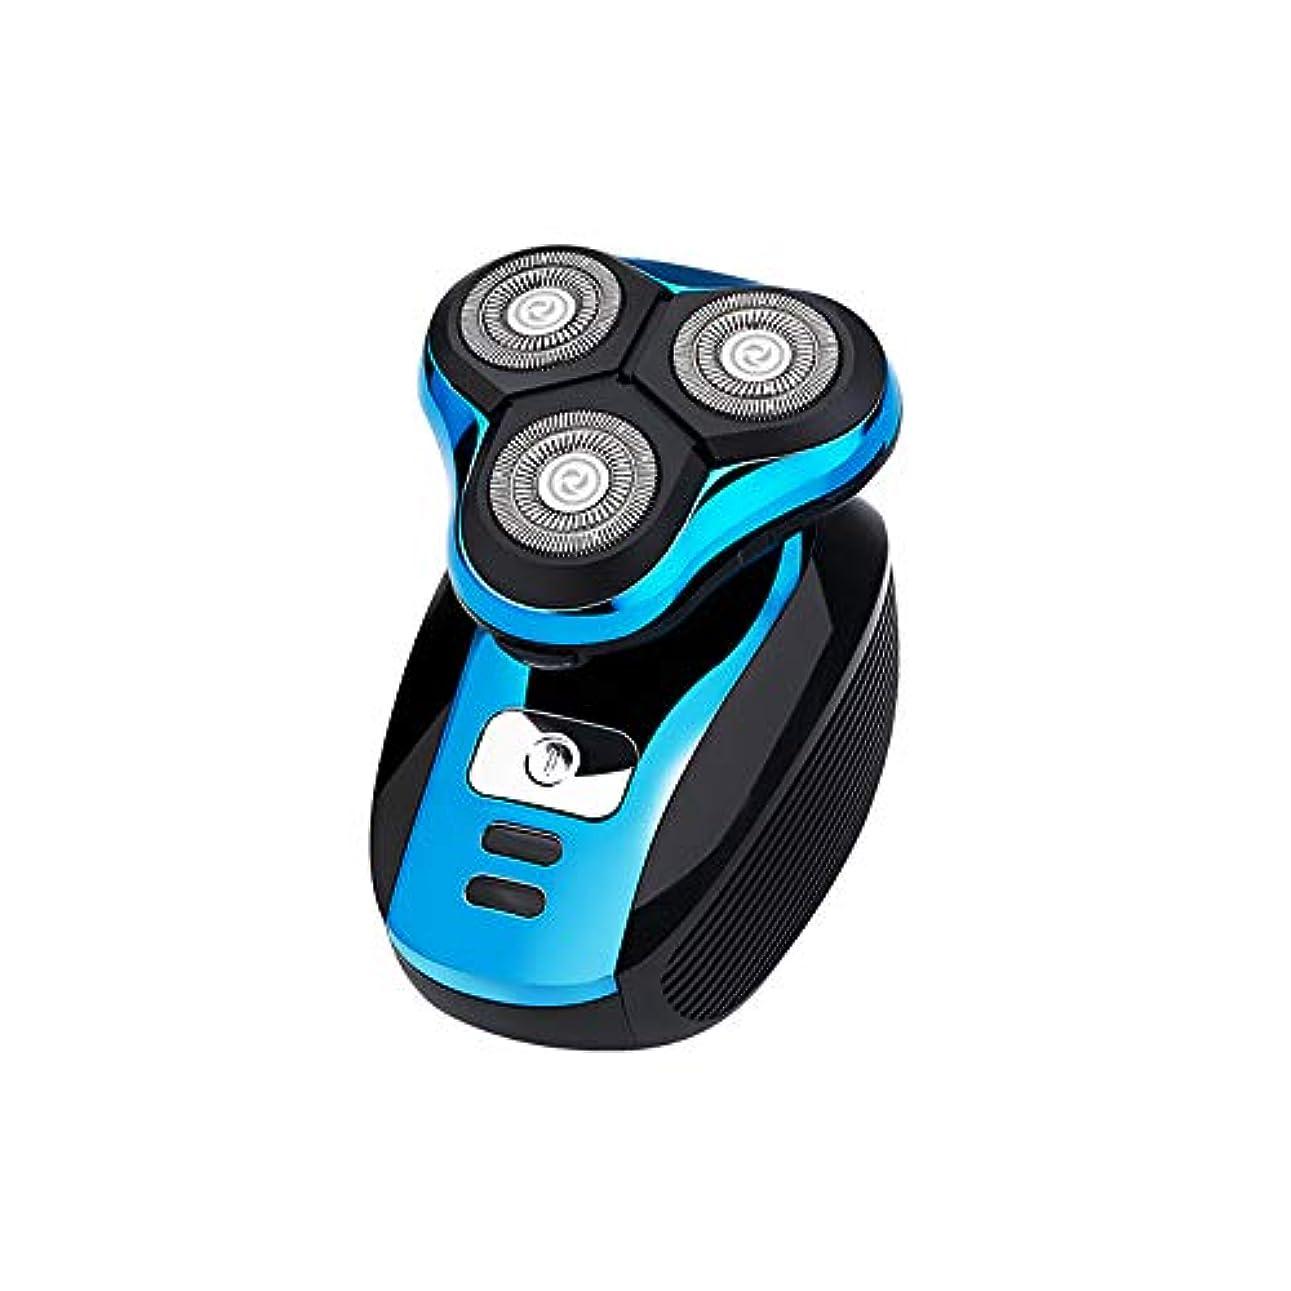 ウナギ別れる価格メンズ電気シェーバーカミソリ、3つのカッターヘッドを浮動シェーバー2019新しい無線誘導充電式ボディウォッシュかみそり